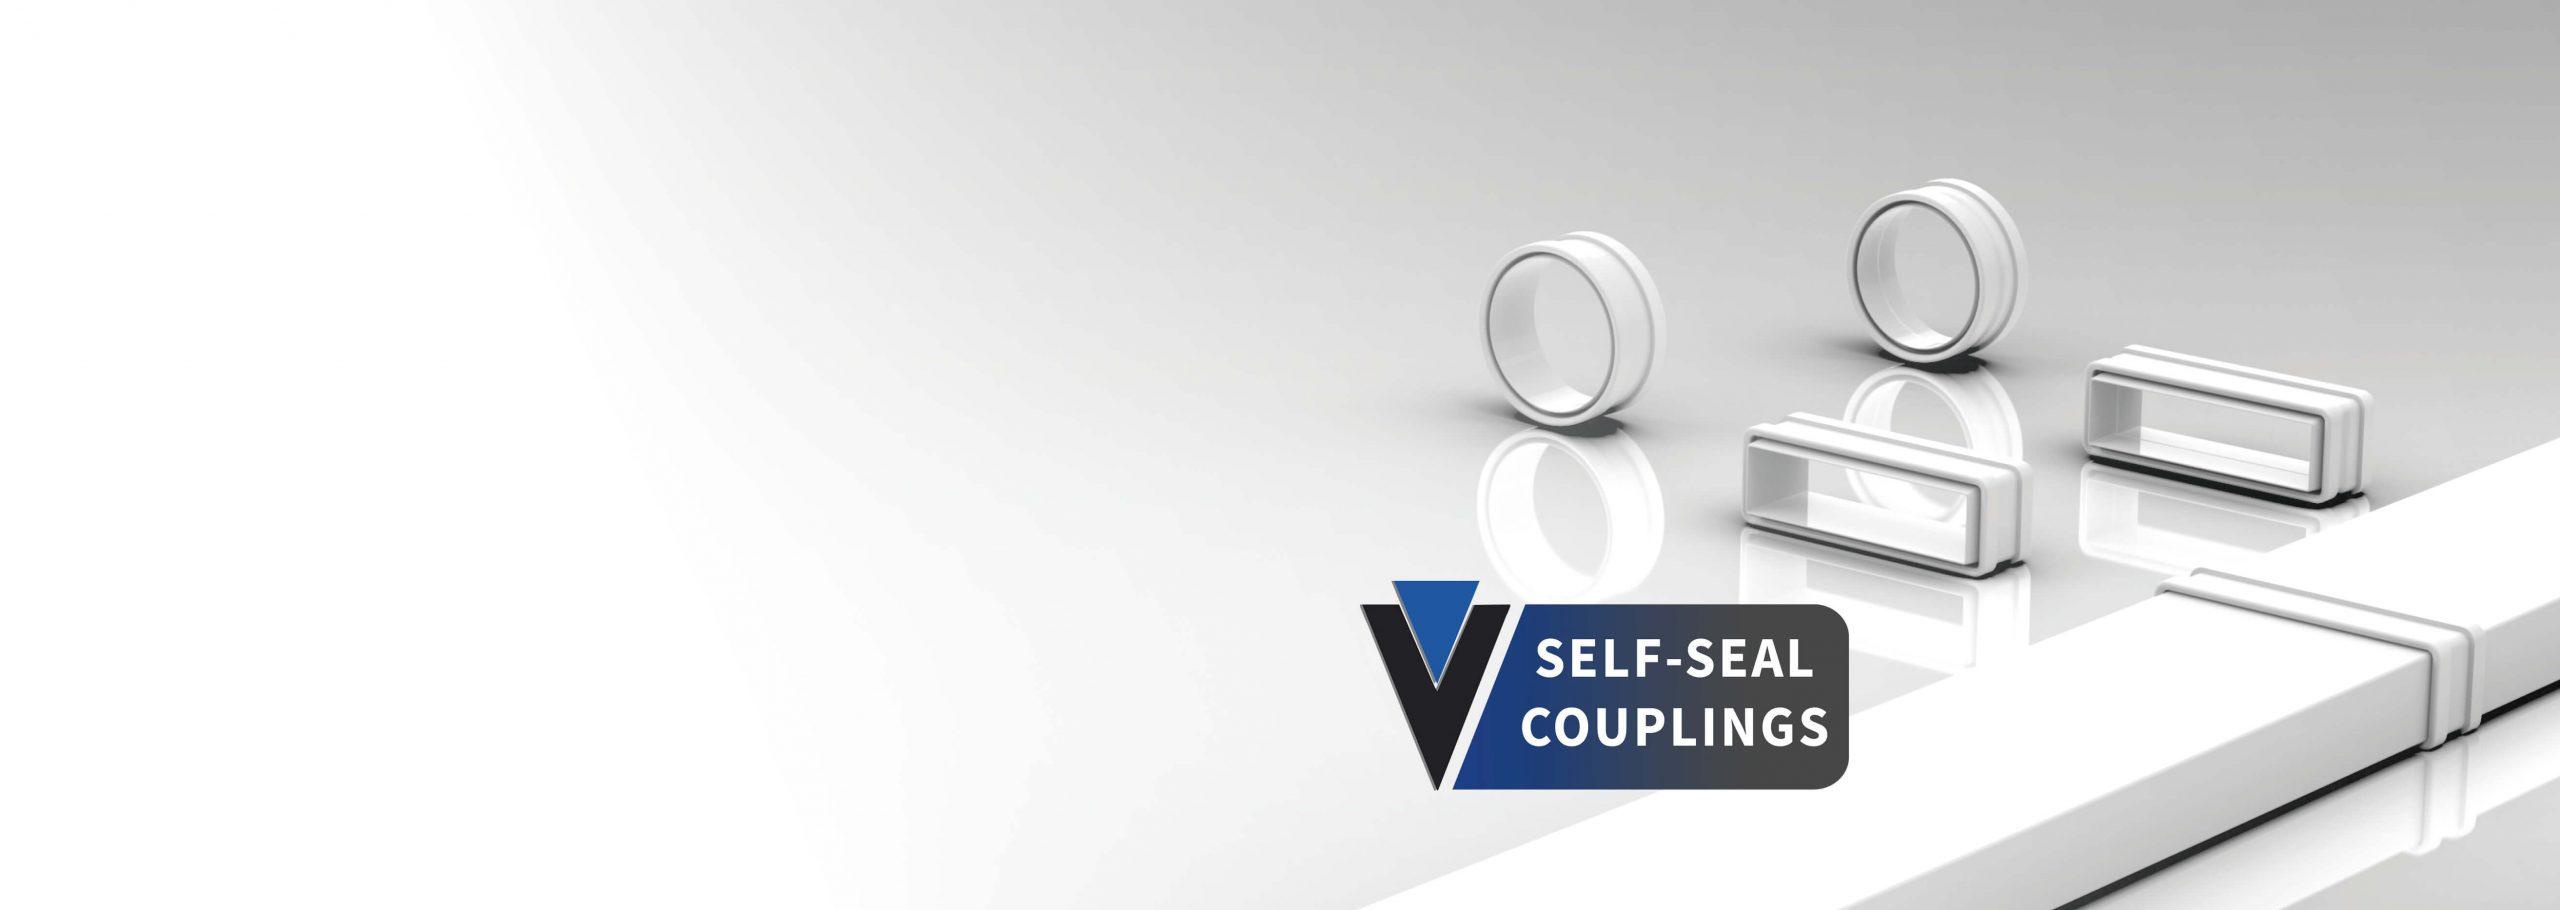 self seal couplings